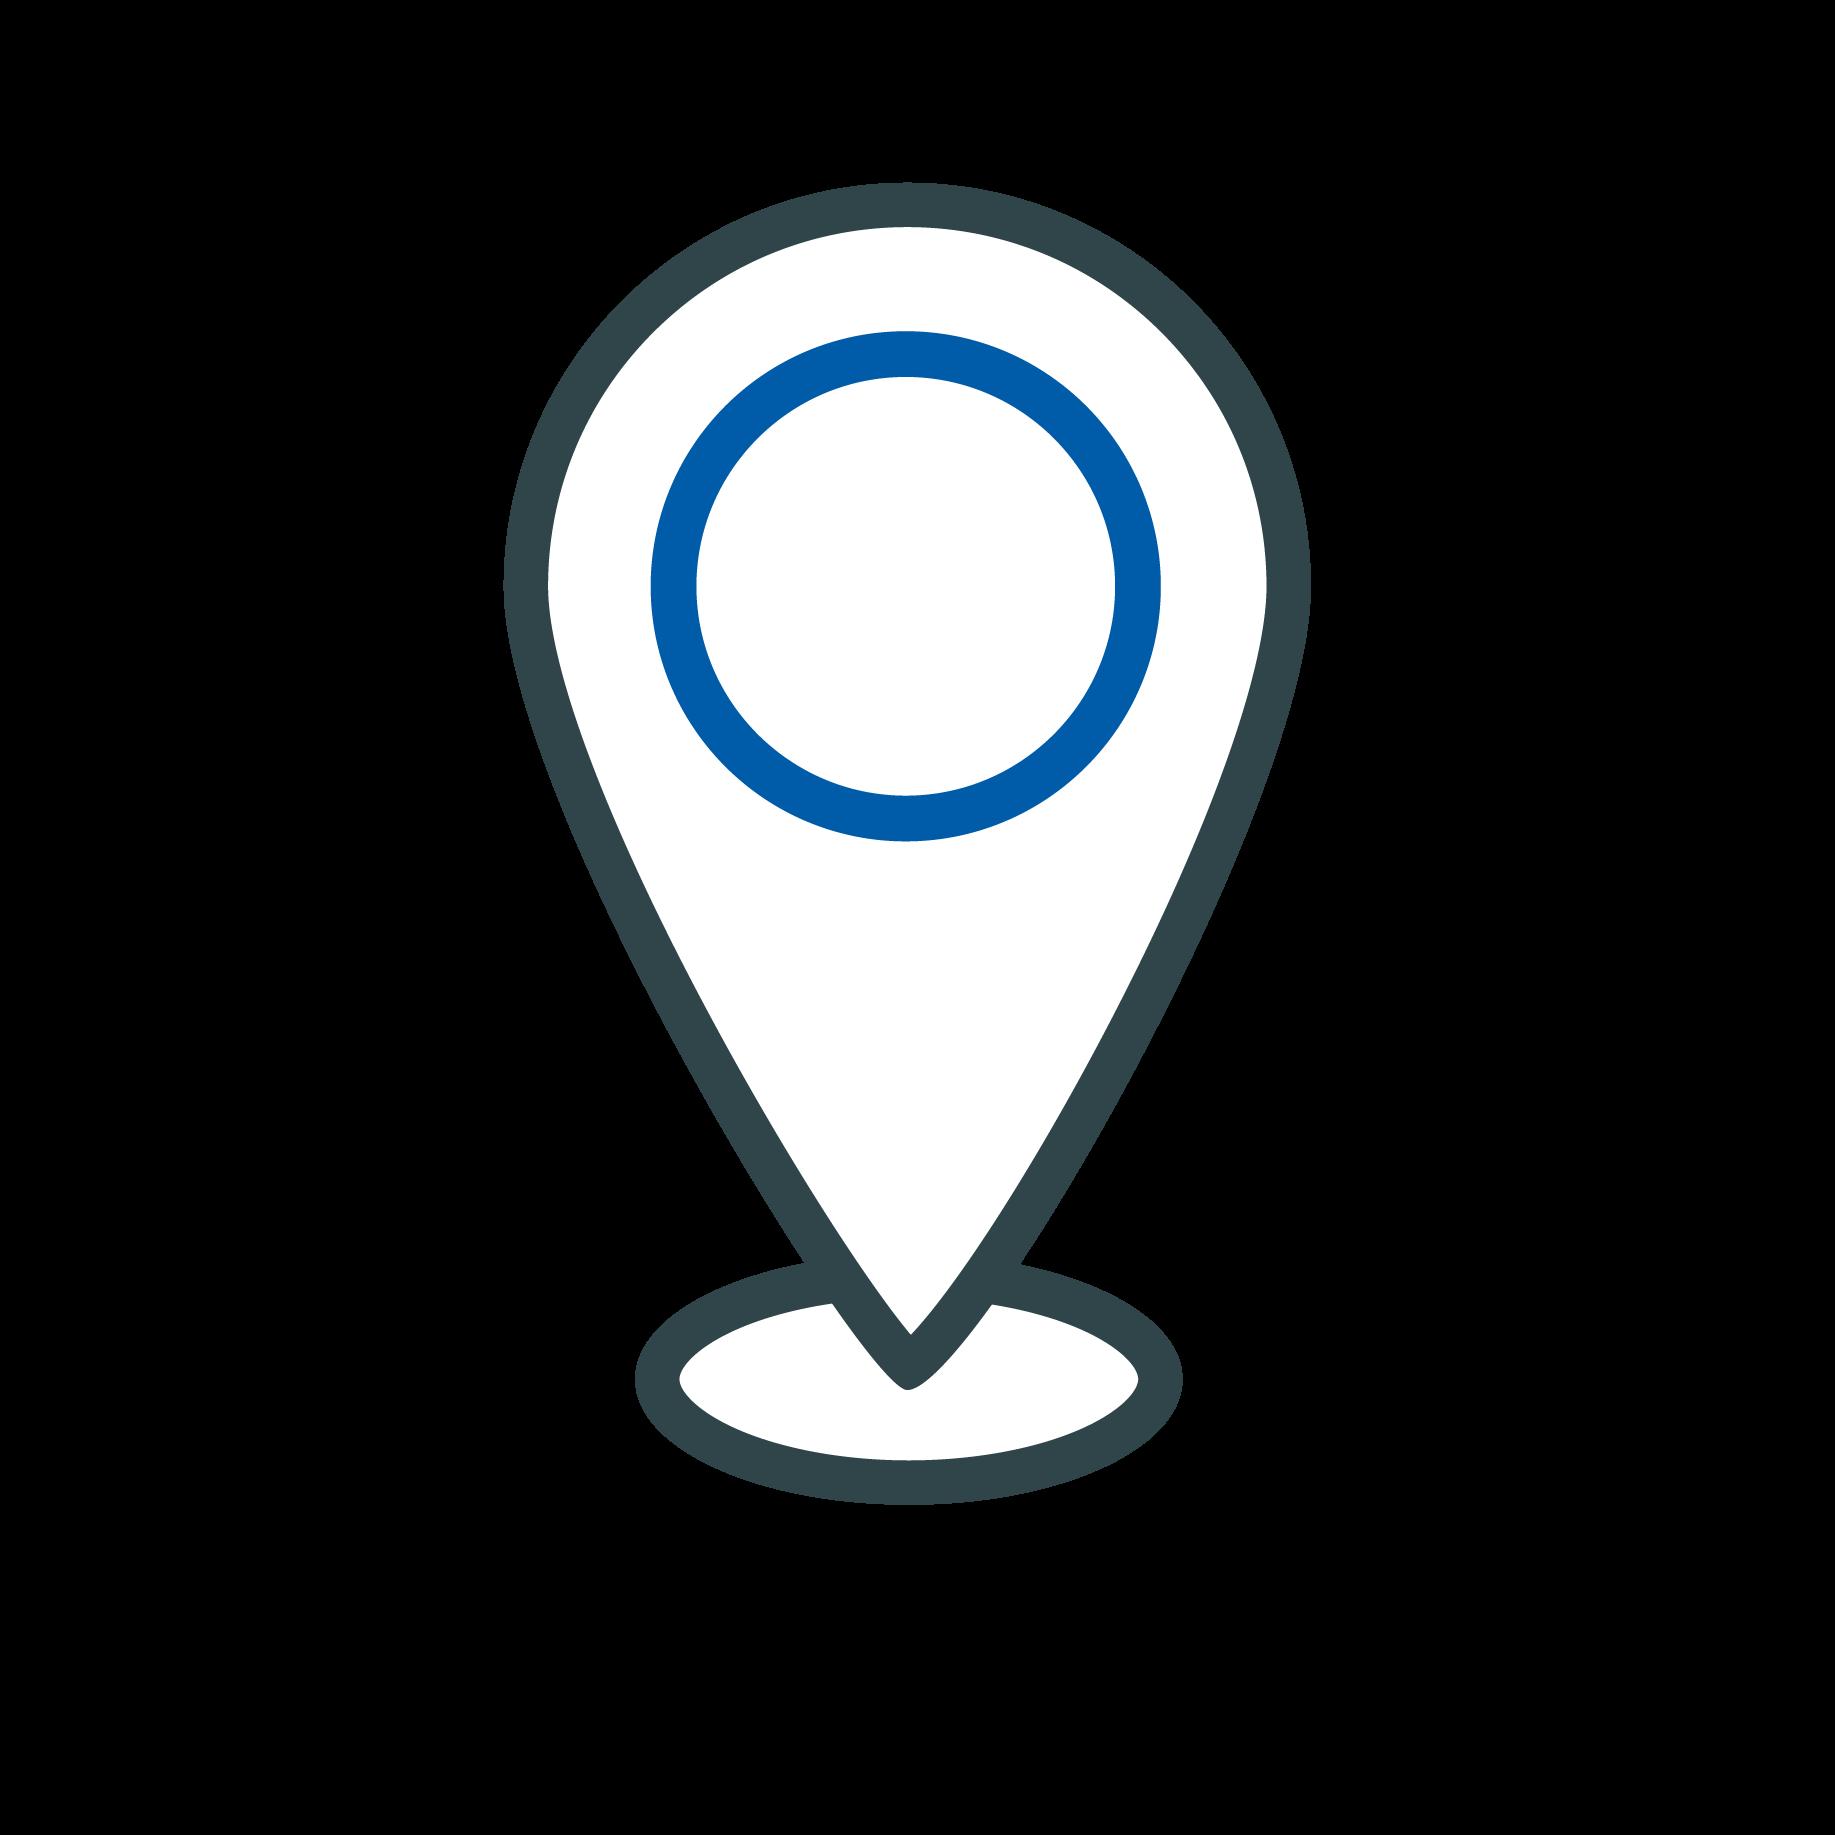 Standortmarker